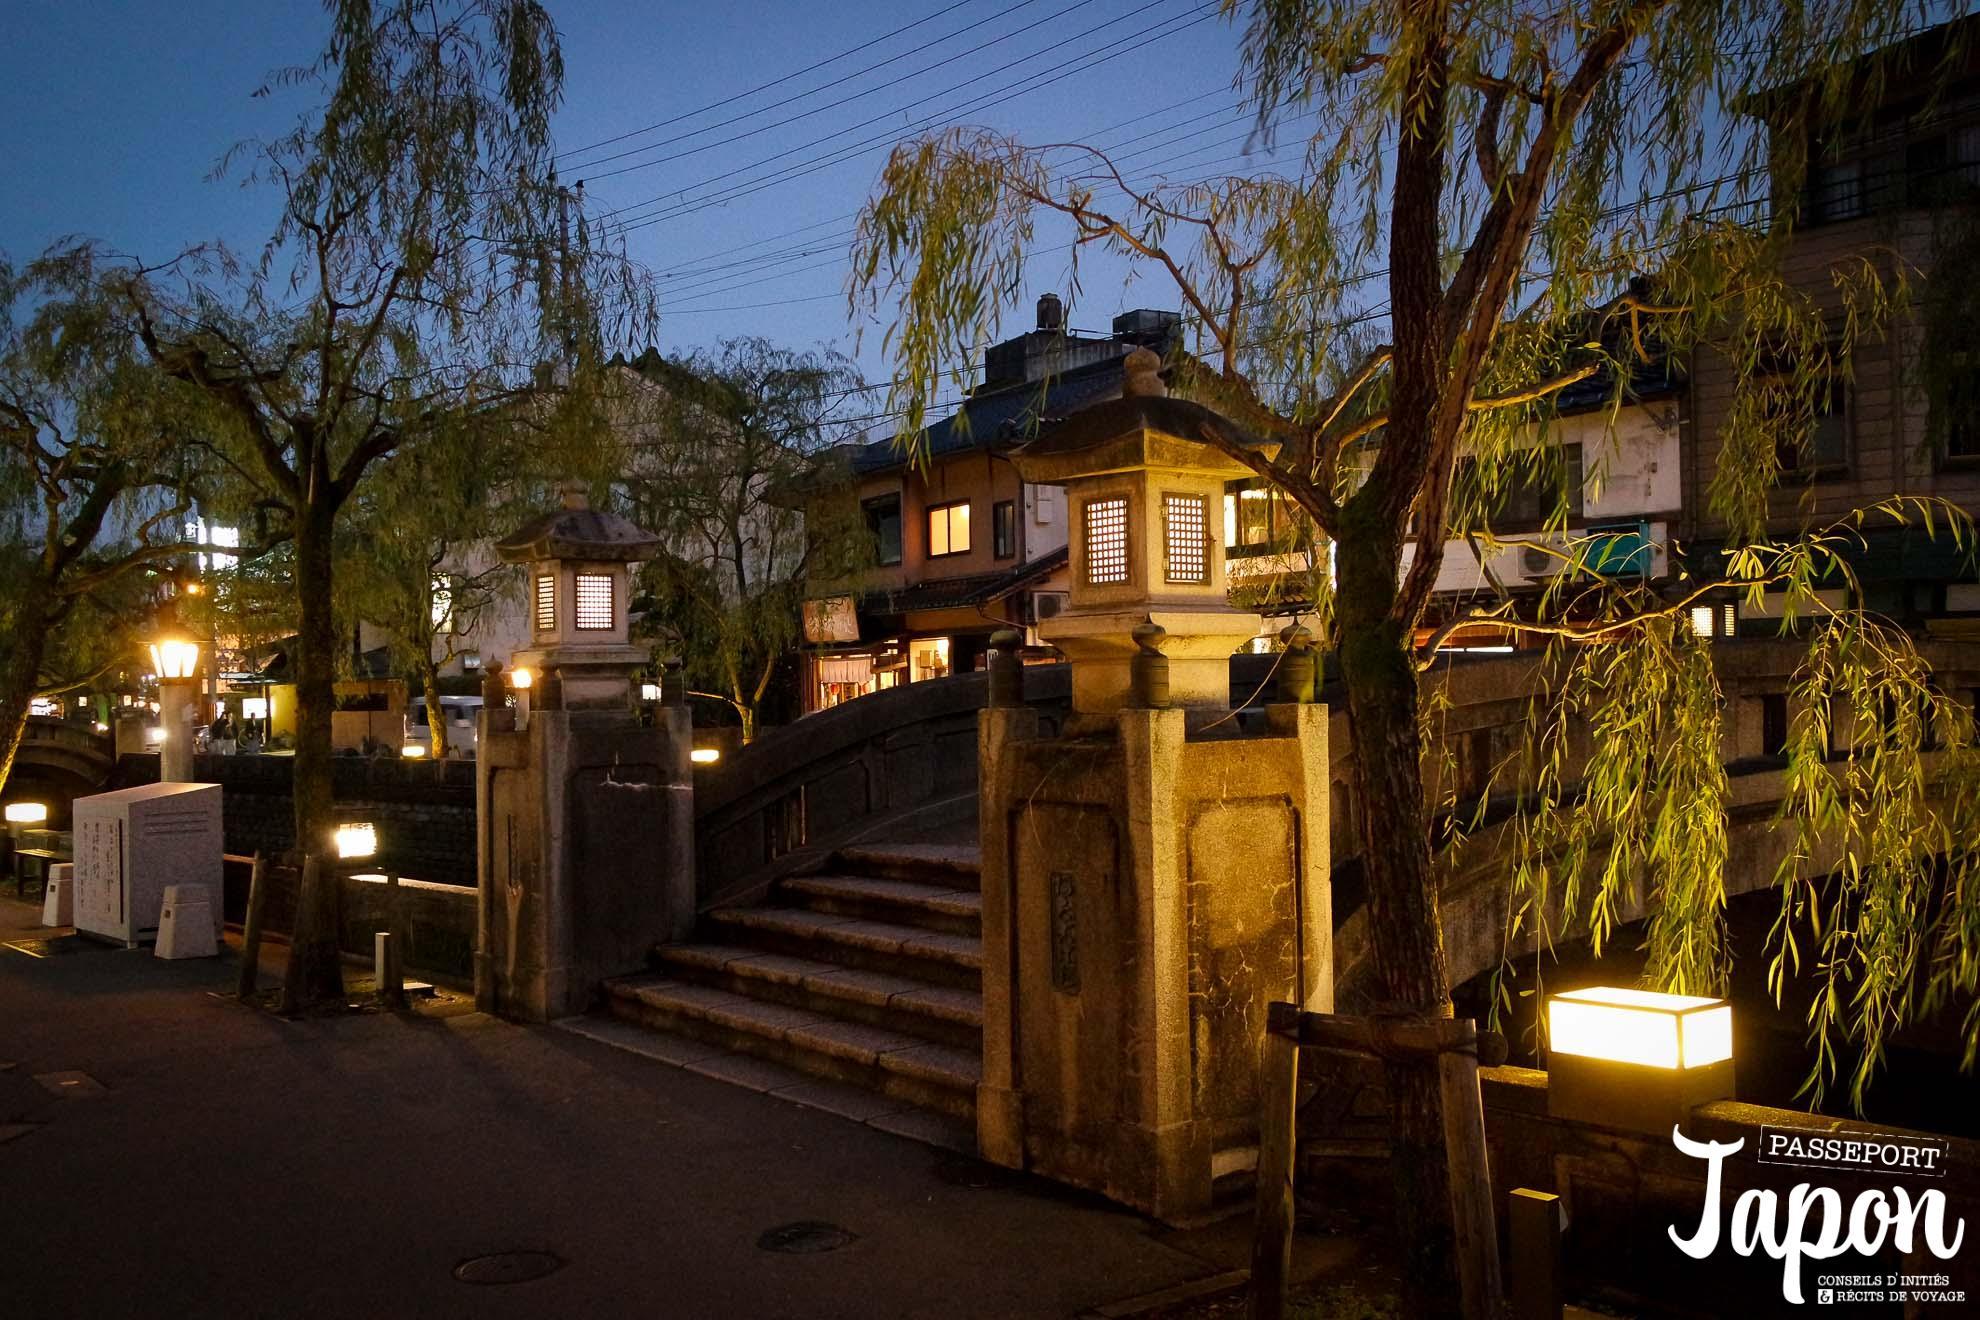 Saules et lanternes au bord du canal à Kinosaki onsen, préfecture de Hyogo